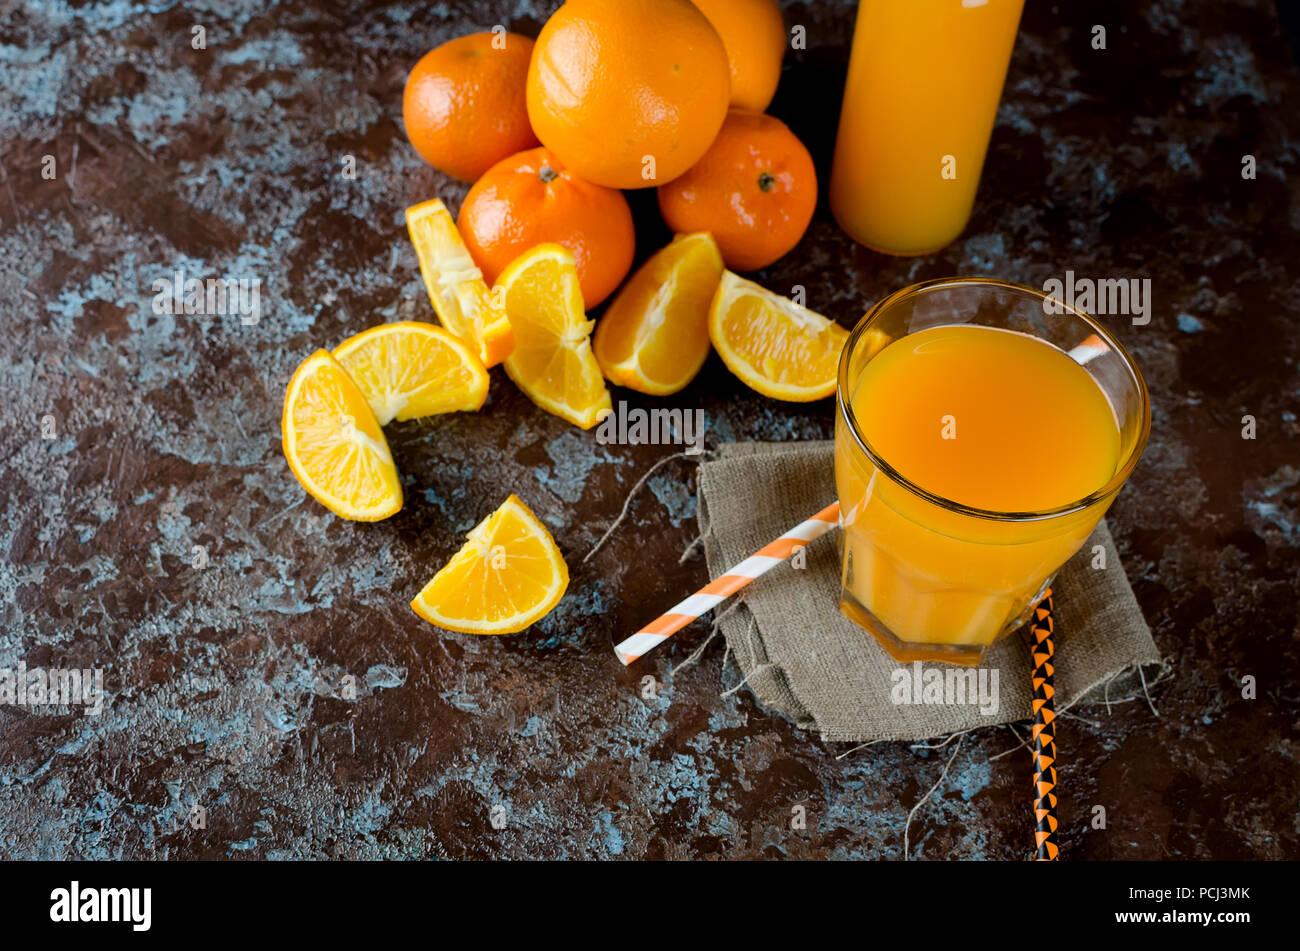 El jugo de naranja en un vaso y una botella y trozos de naranja sobre un fondo azul marrón concreto espacio de copia Imagen De Stock